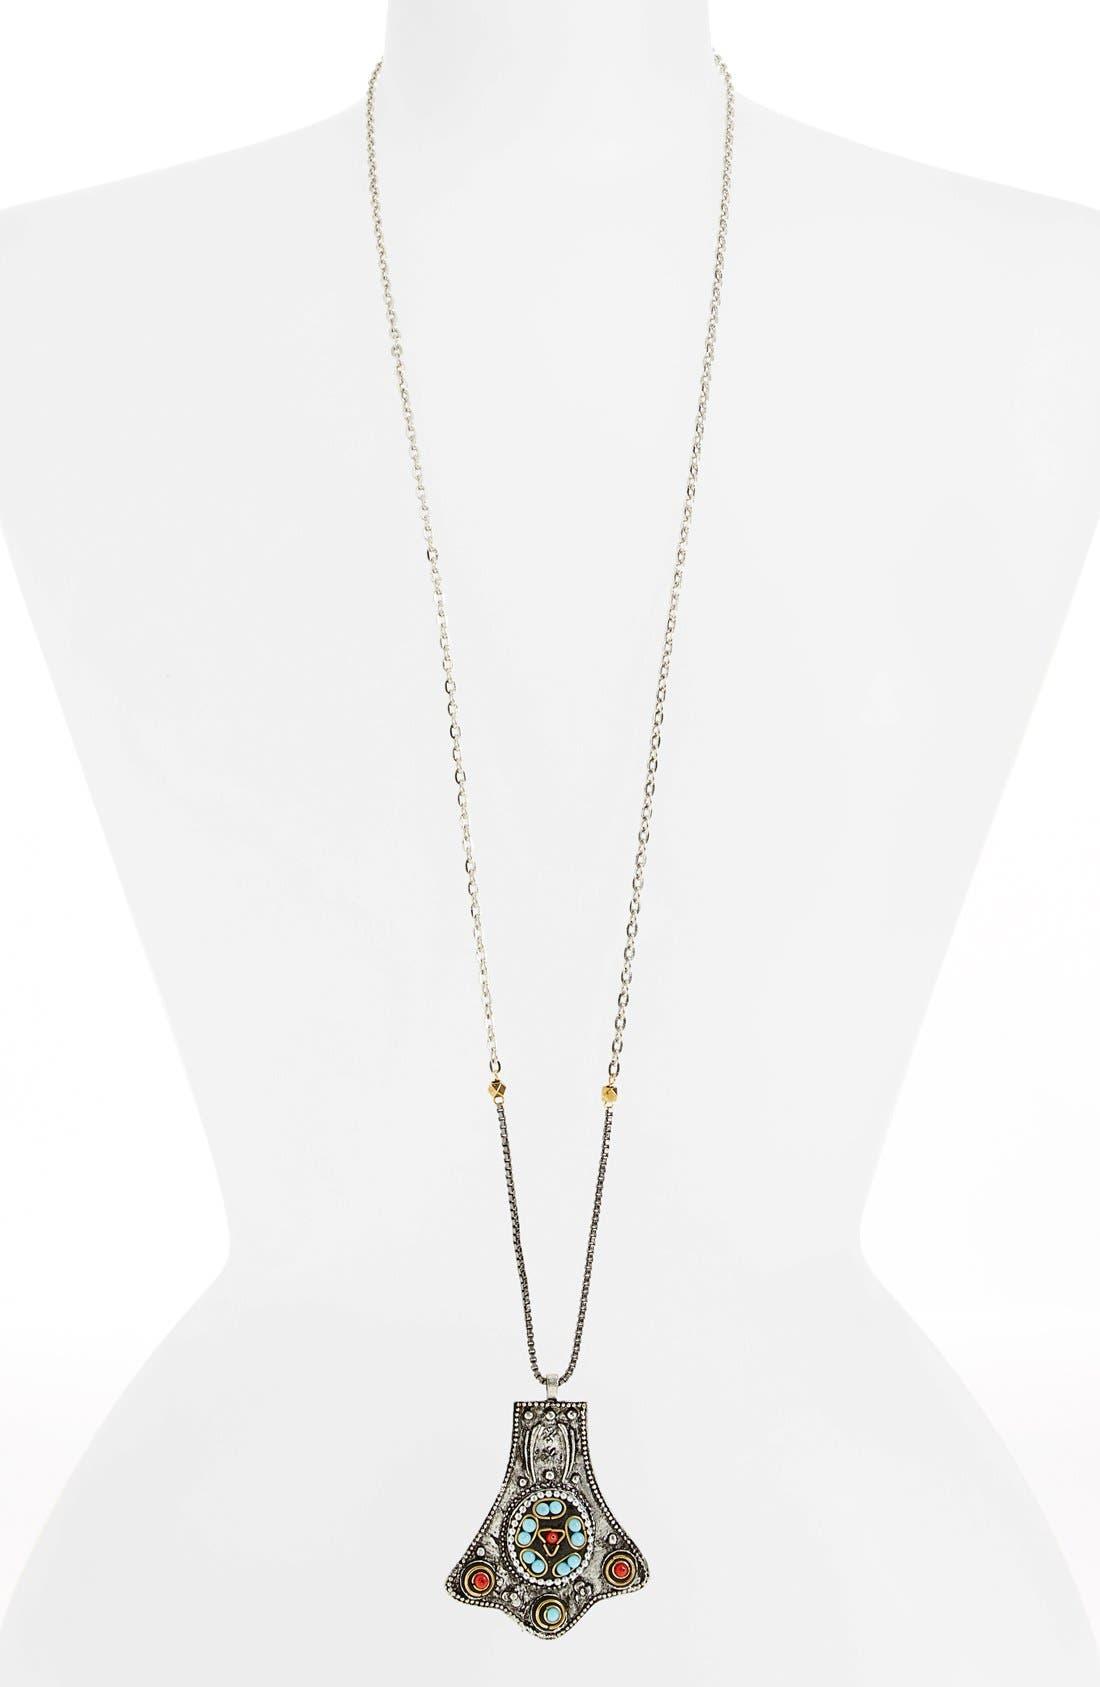 Main Image - Berry Embellished Pendant Necklace